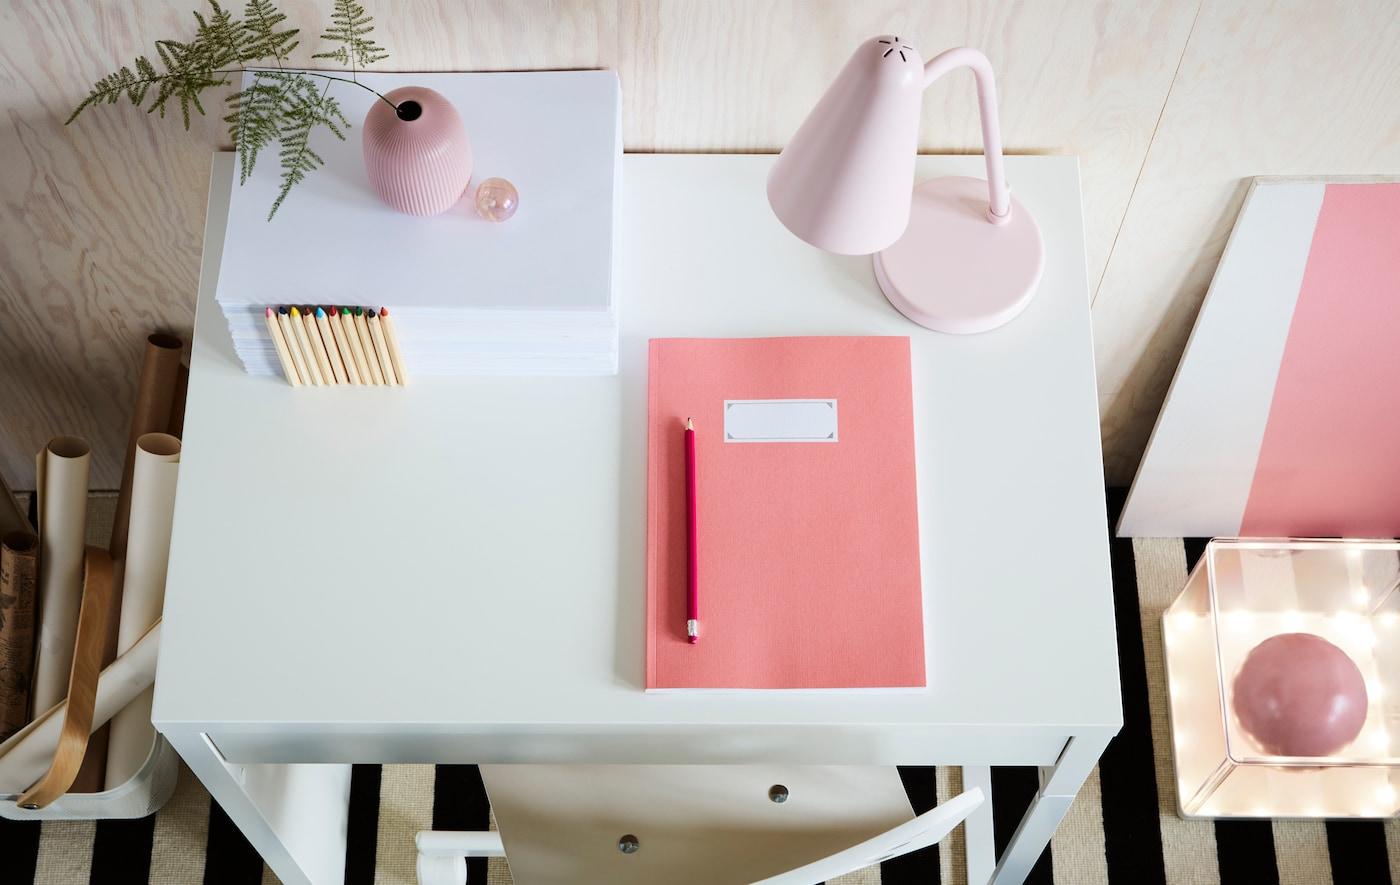 Uredi dečju sobu uz grafičku temu! Koristi funkcionalan radni sto bele boje, kao što je IKEA MICKE!